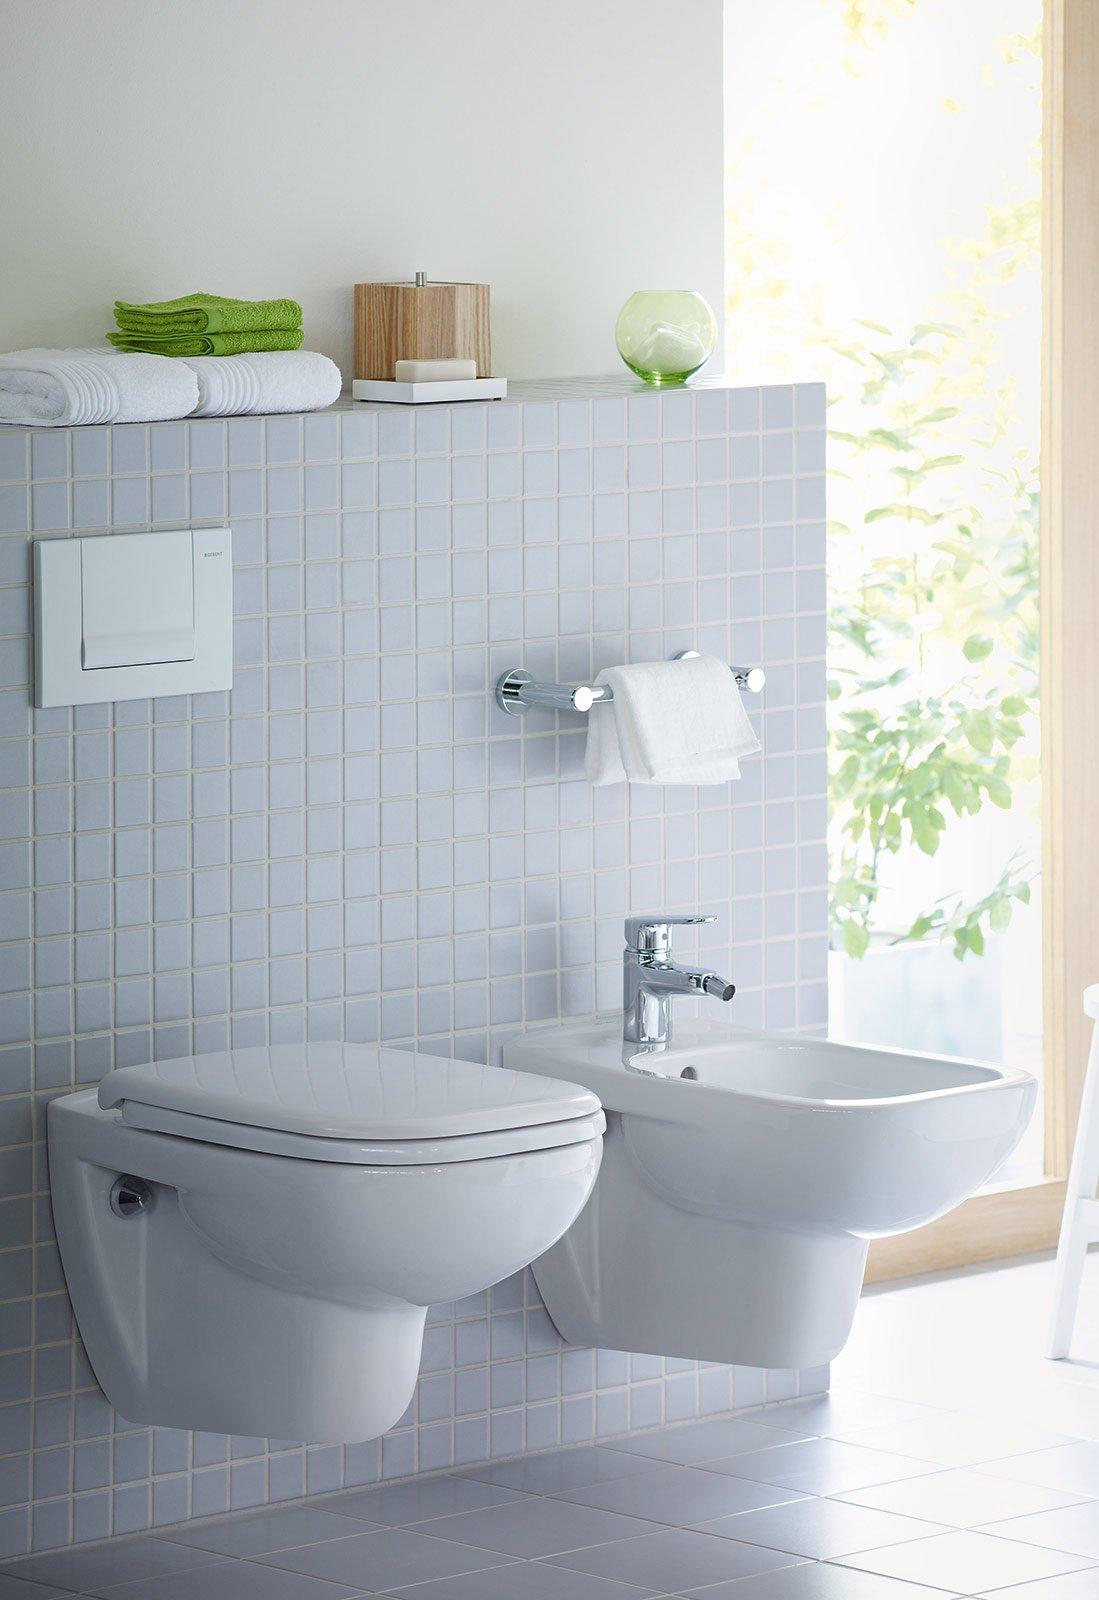 Sanitari vaso e bidet low cost cose di casa - Quanto costano i sanitari del bagno ...